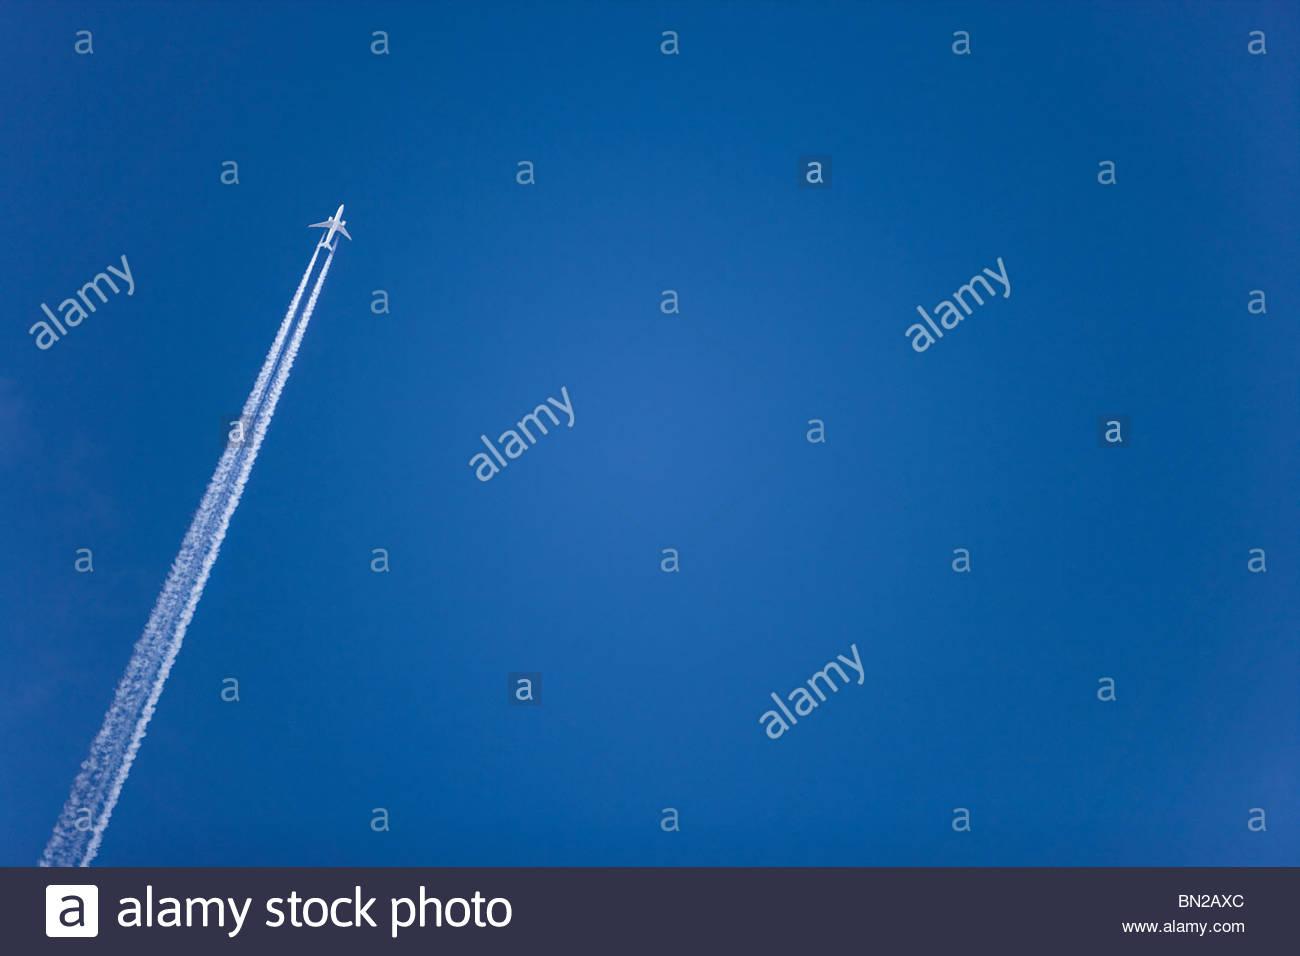 Avión con estelas de condensación volando en el cielo azul claro Imagen De Stock